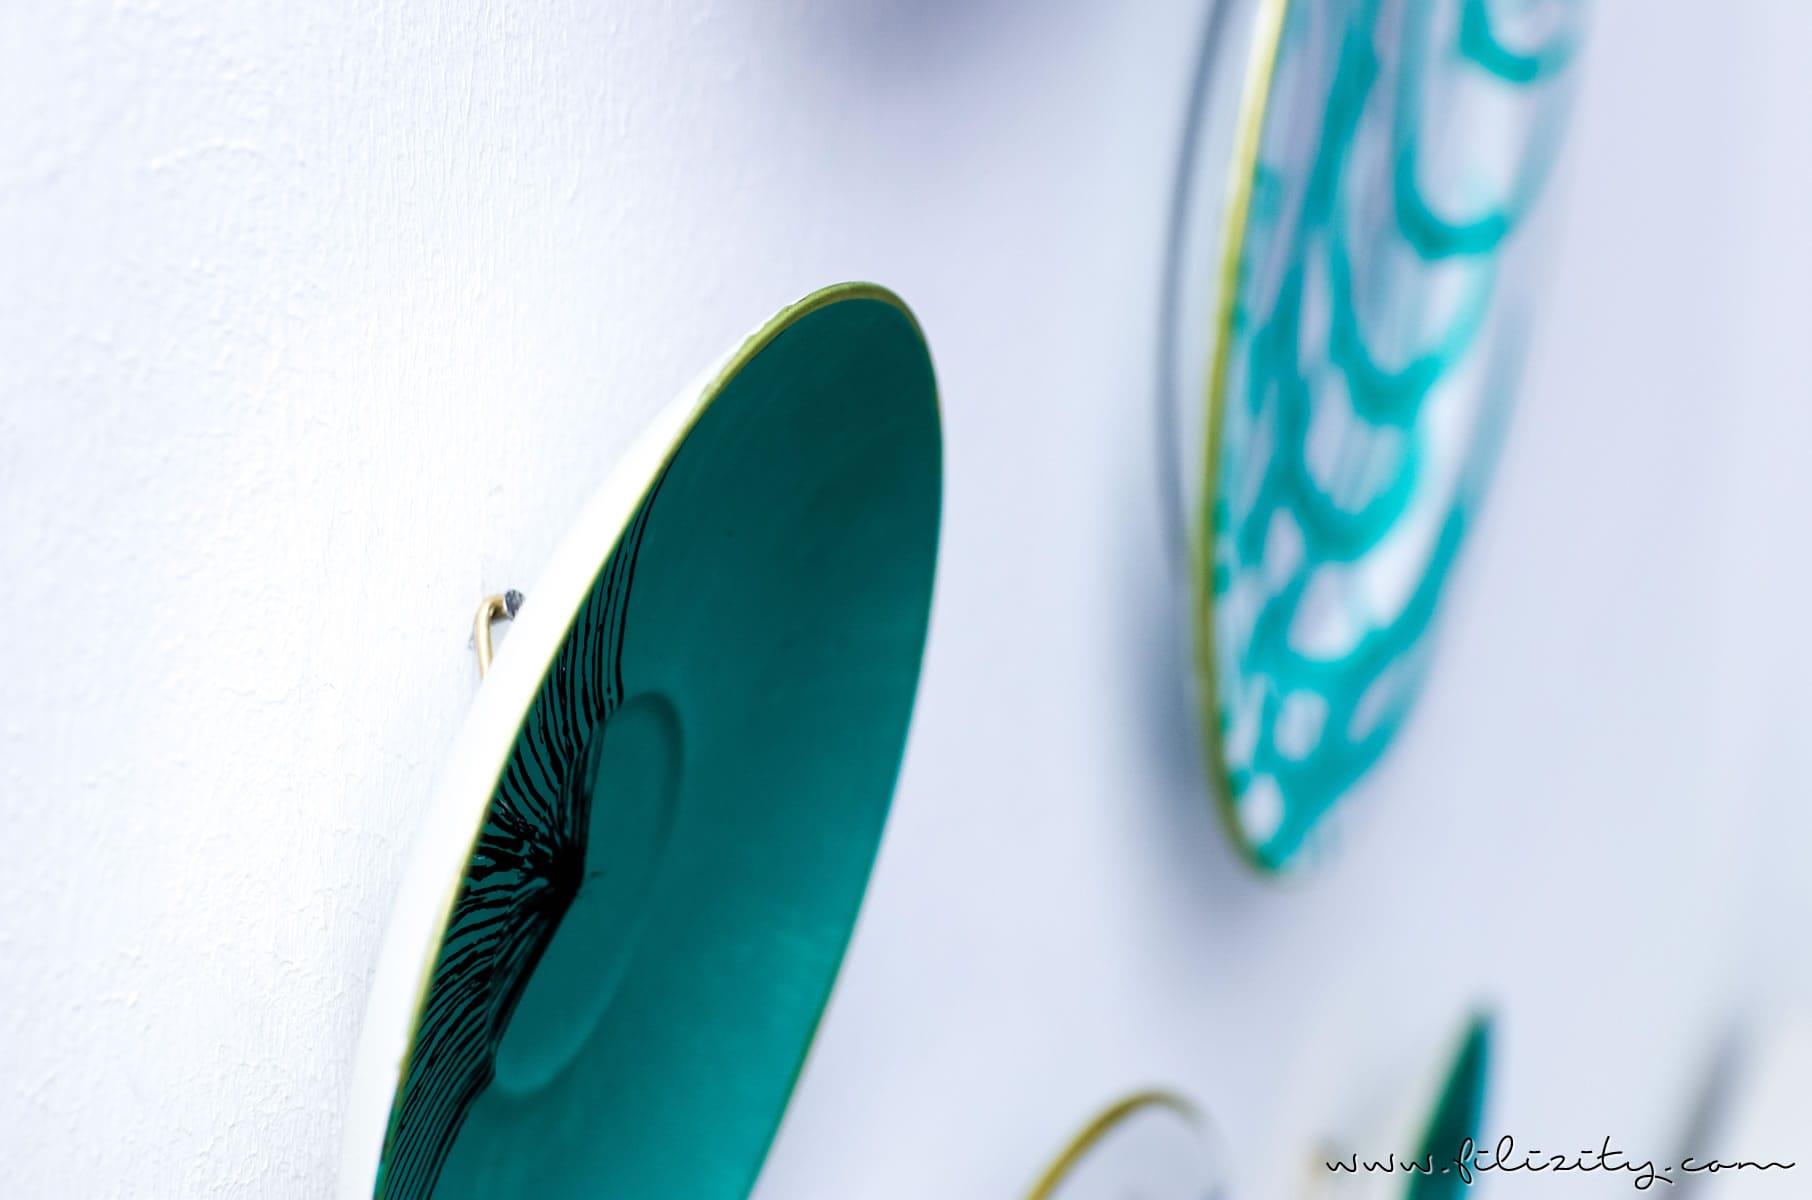 Porzellan bemalen mit PILOT PINTOR - DIY Wandteller im Urban Jungle Style | DIY Deko mit Monstera und Palmen | Filizity.com | DIY-Blog aus dem Rheinland #pilotpen #pilotkreativ #pilotdiy #pilotpintor #pilot